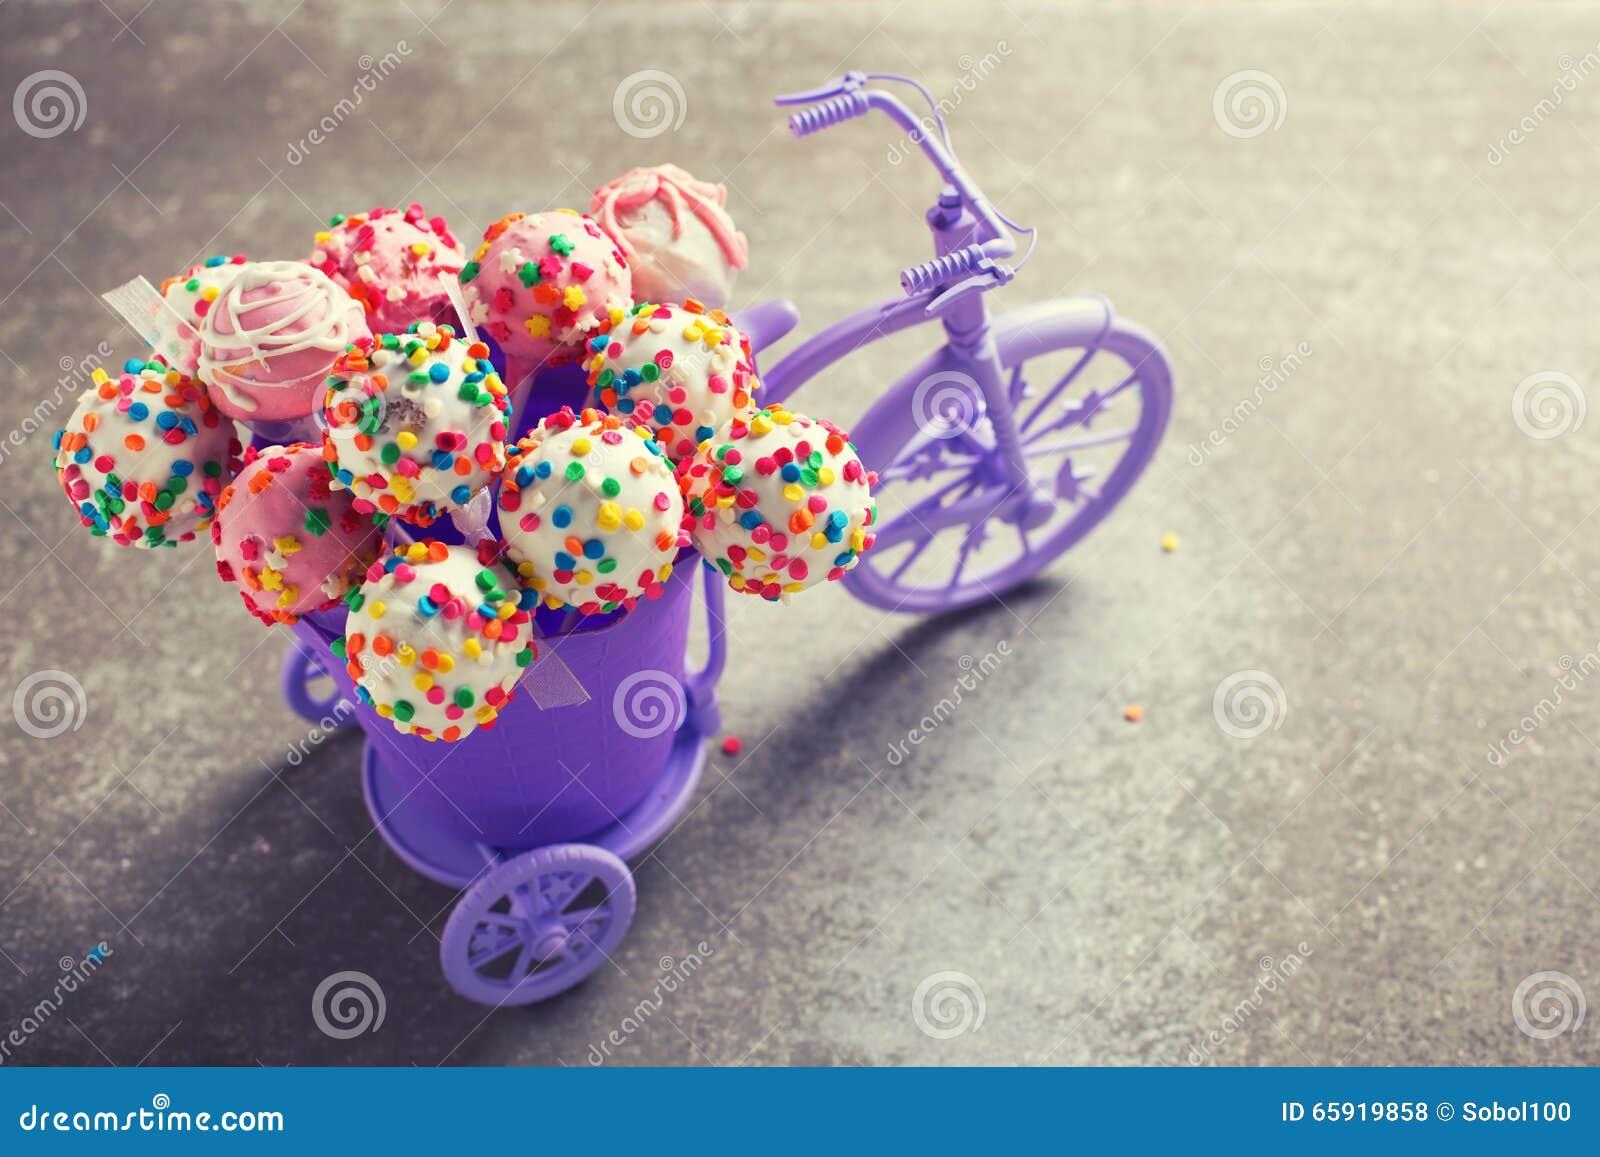 Kuchen Knallt Im Dekorativen Fahrrad Auf Grauem Schieferhintergrund